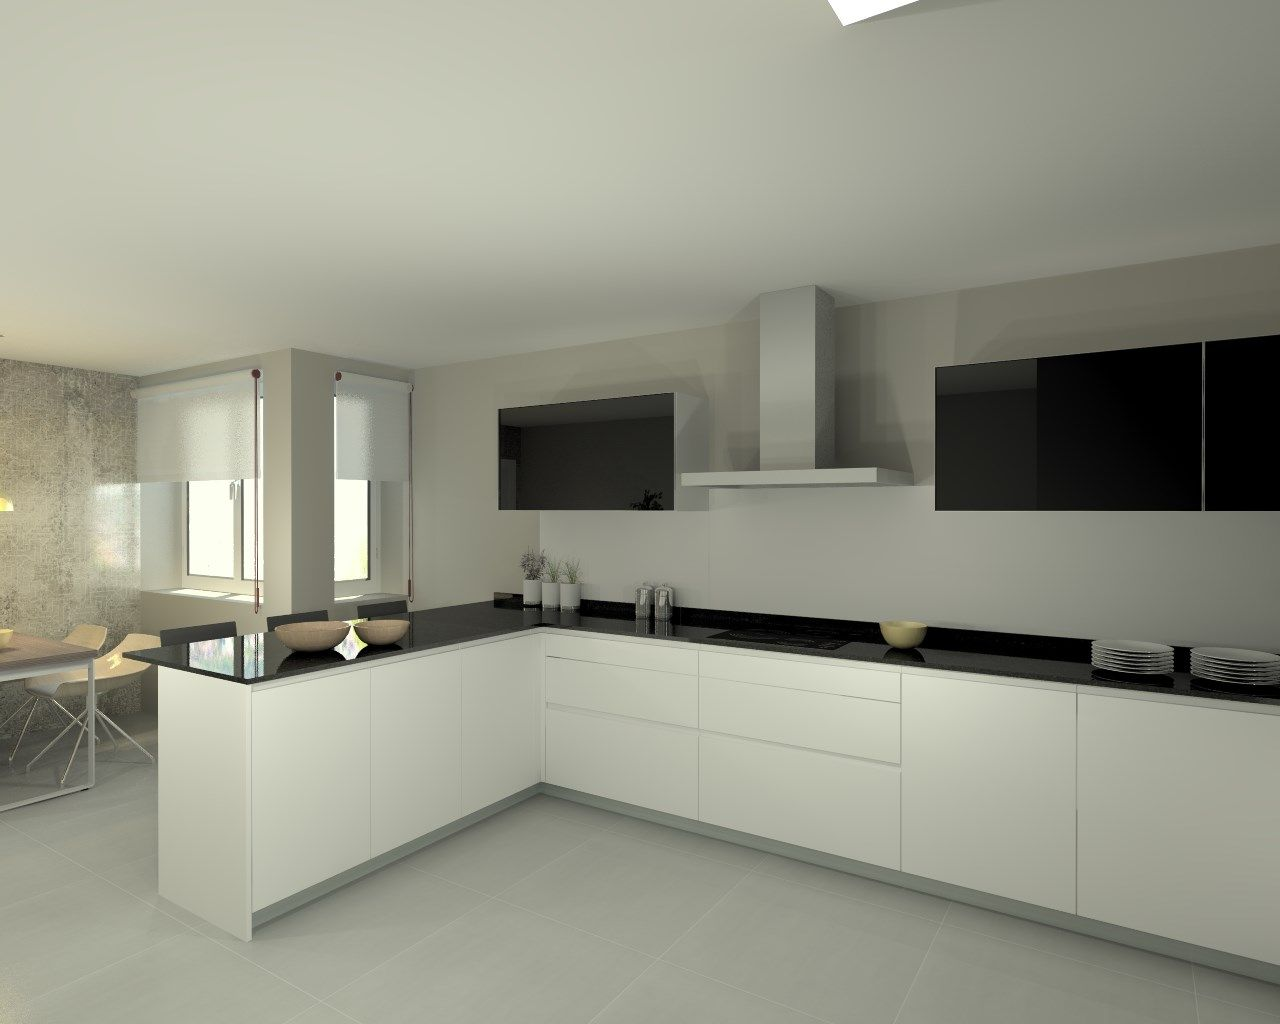 Modelo line e blanco encimera granito negro cocina - Encimera granito negro ...